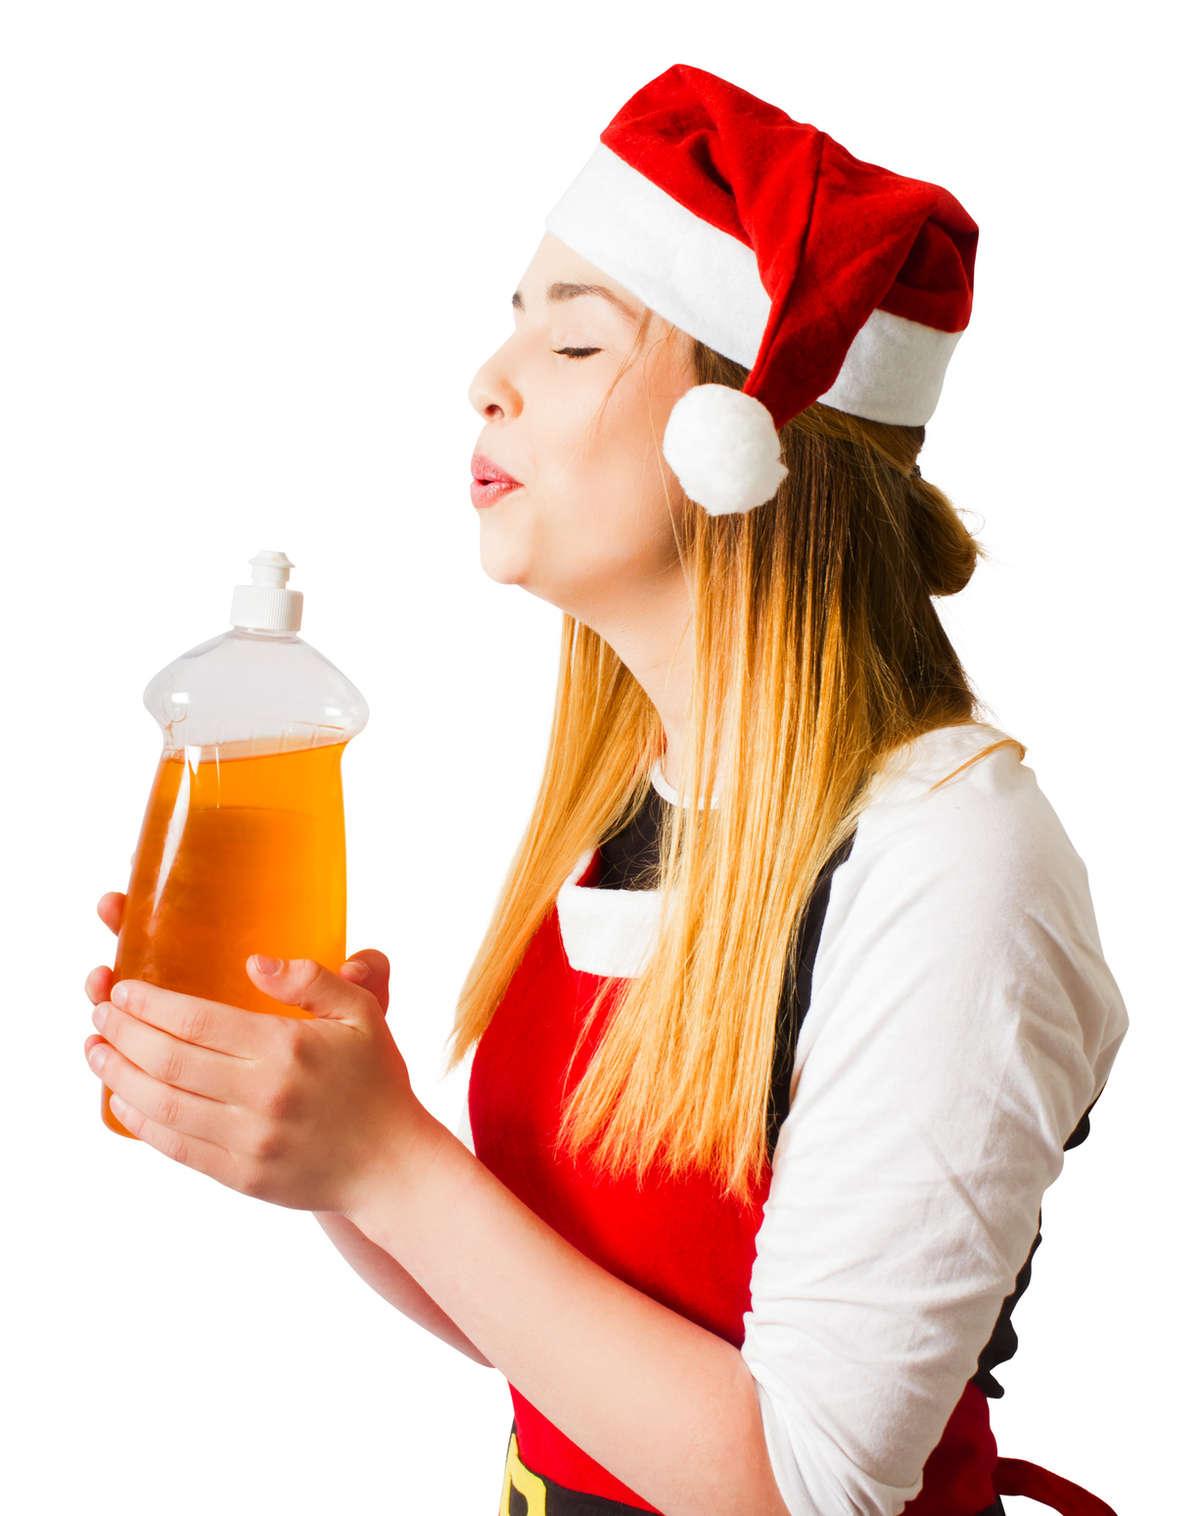 Jak się zabrać za świąteczne porządki? Mamy na to 4 sposoby - full image